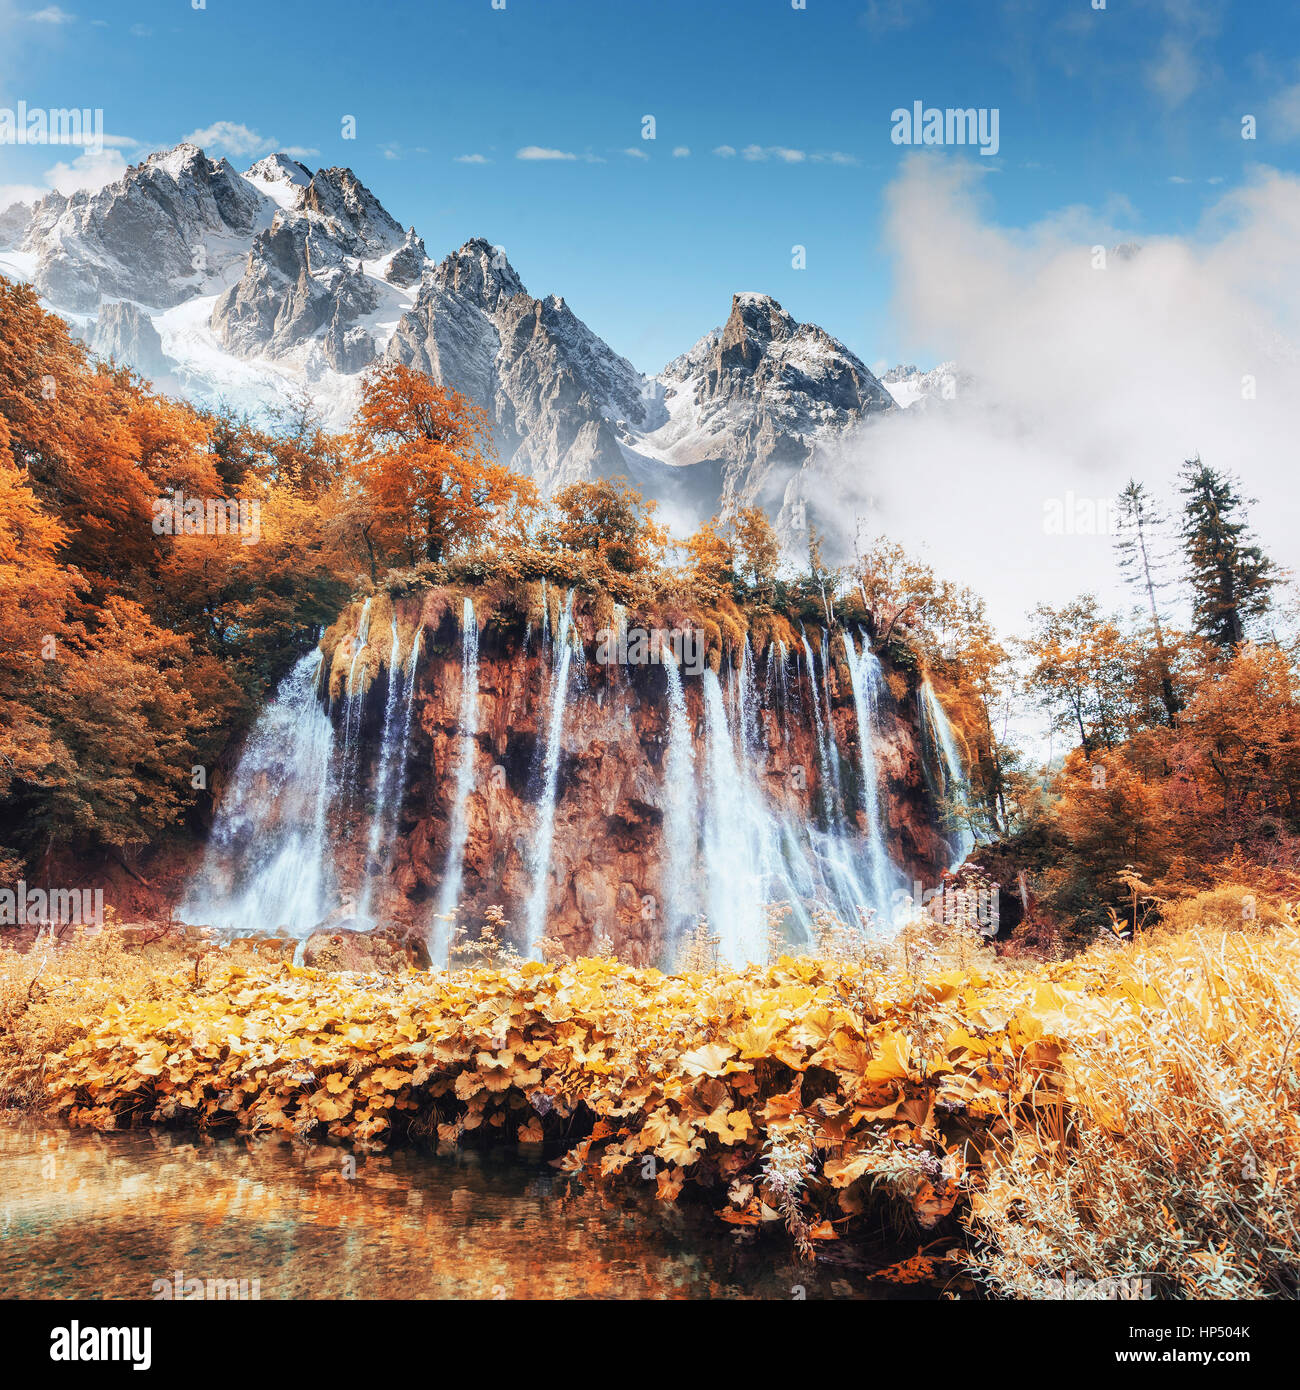 Vedute panoramiche dell'acqua turchese e dalla luce diretta dei raggi solari. Immagini Stock